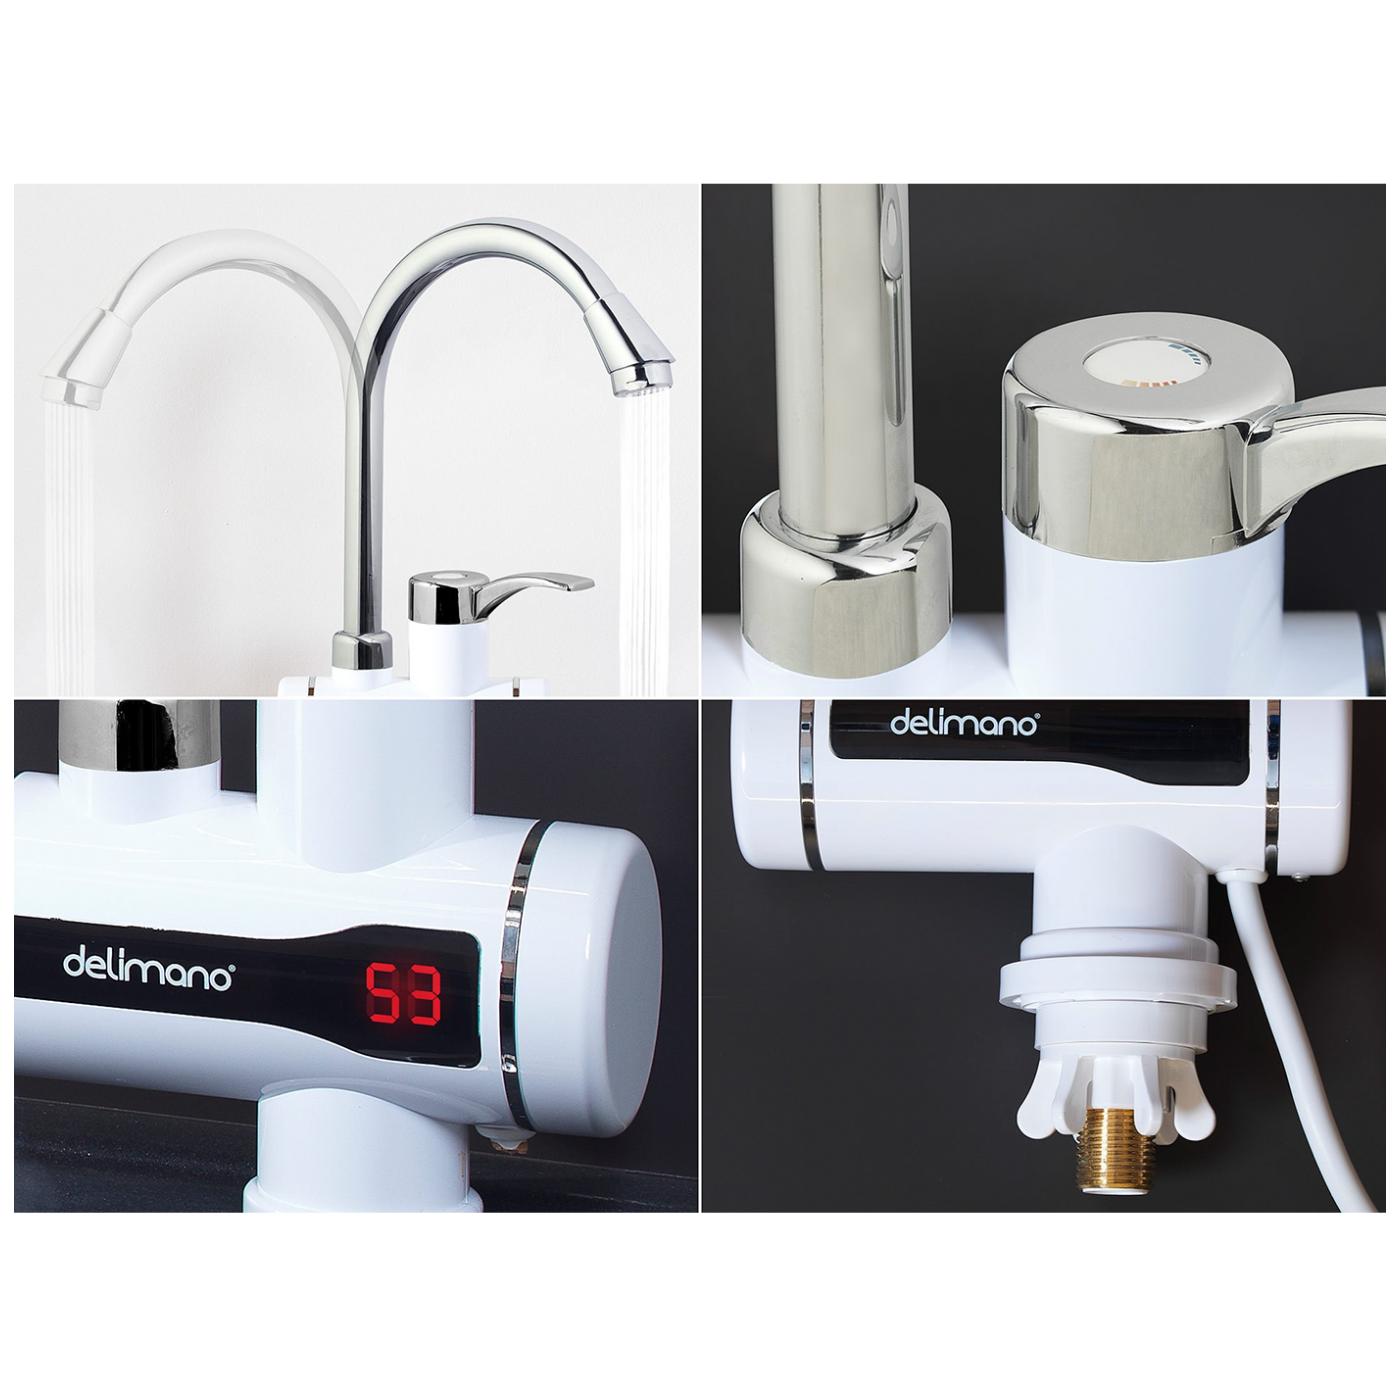 Instant česma i protočni bojler za brzo zag.vode, PRO